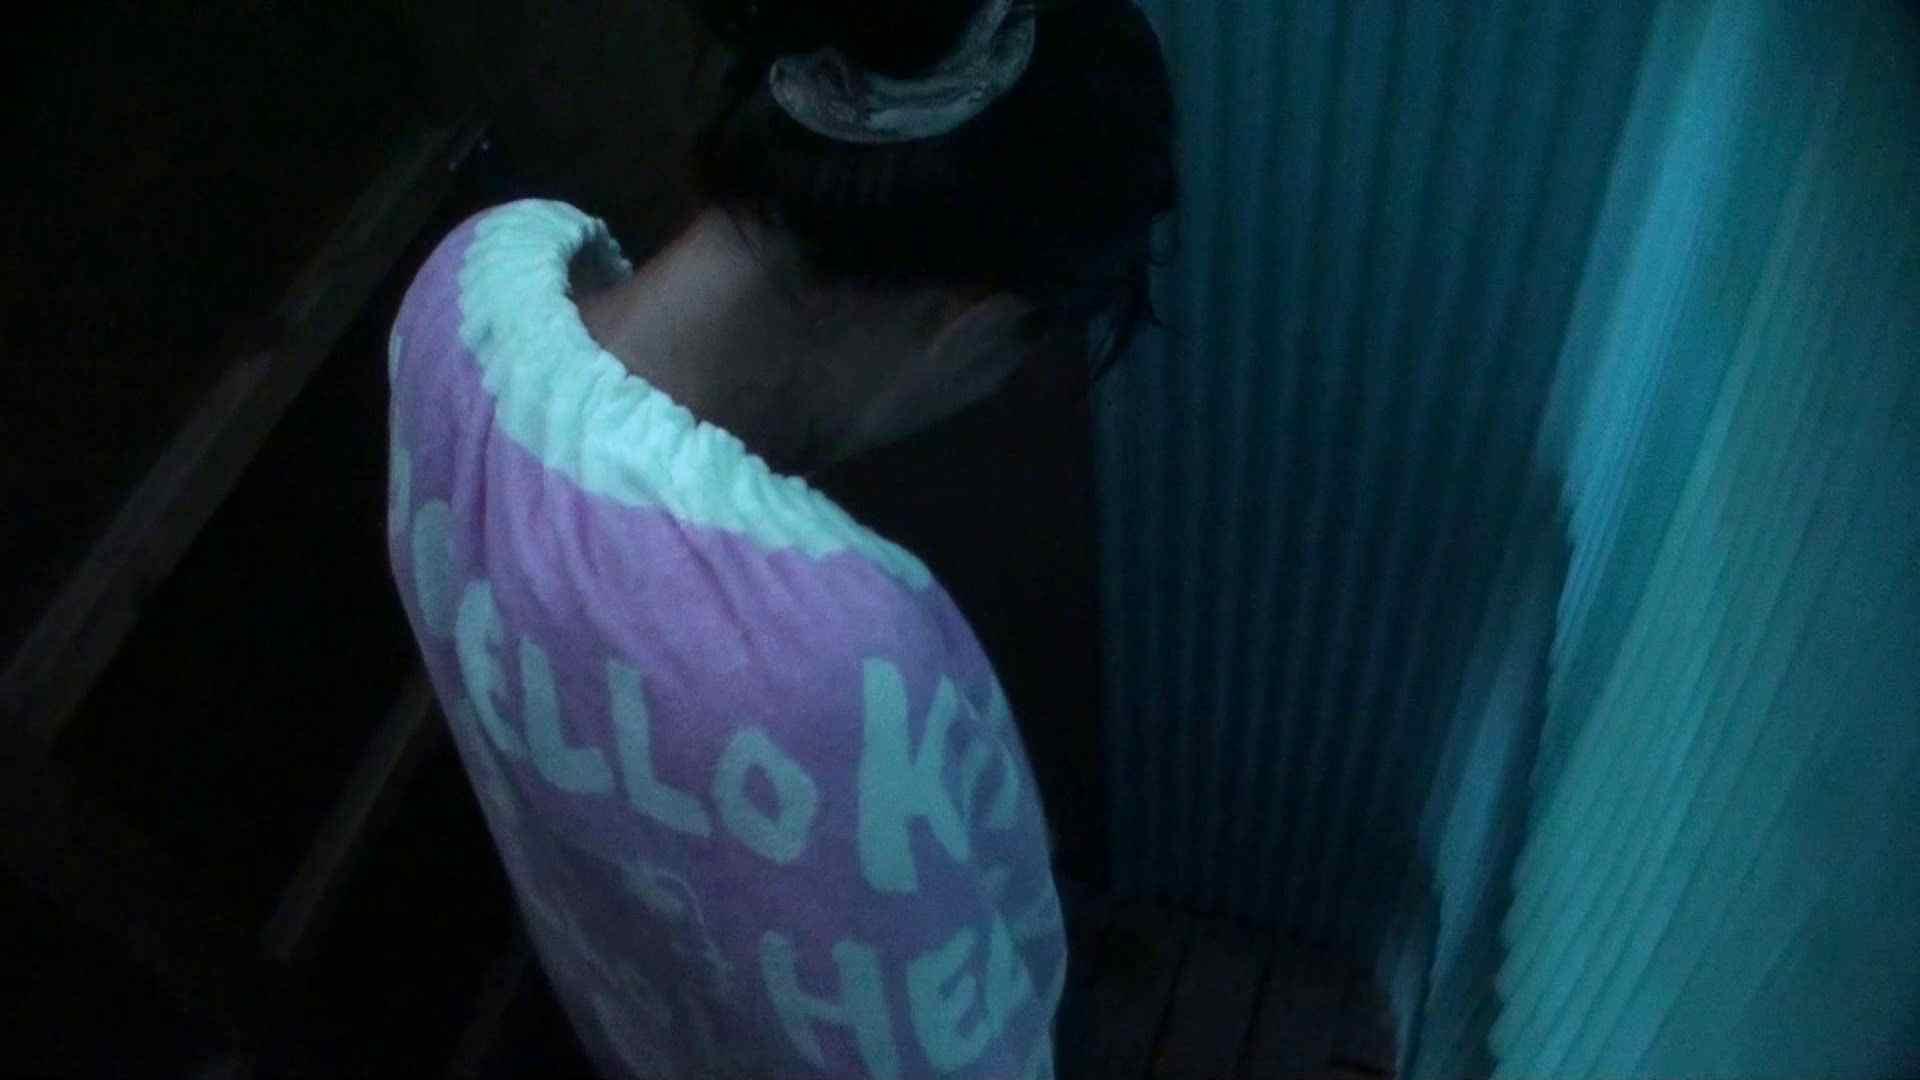 シャワールームは超!!危険な香りVol.26 大学生風美形ギャル 暗さが残念! シャワー  106画像 52